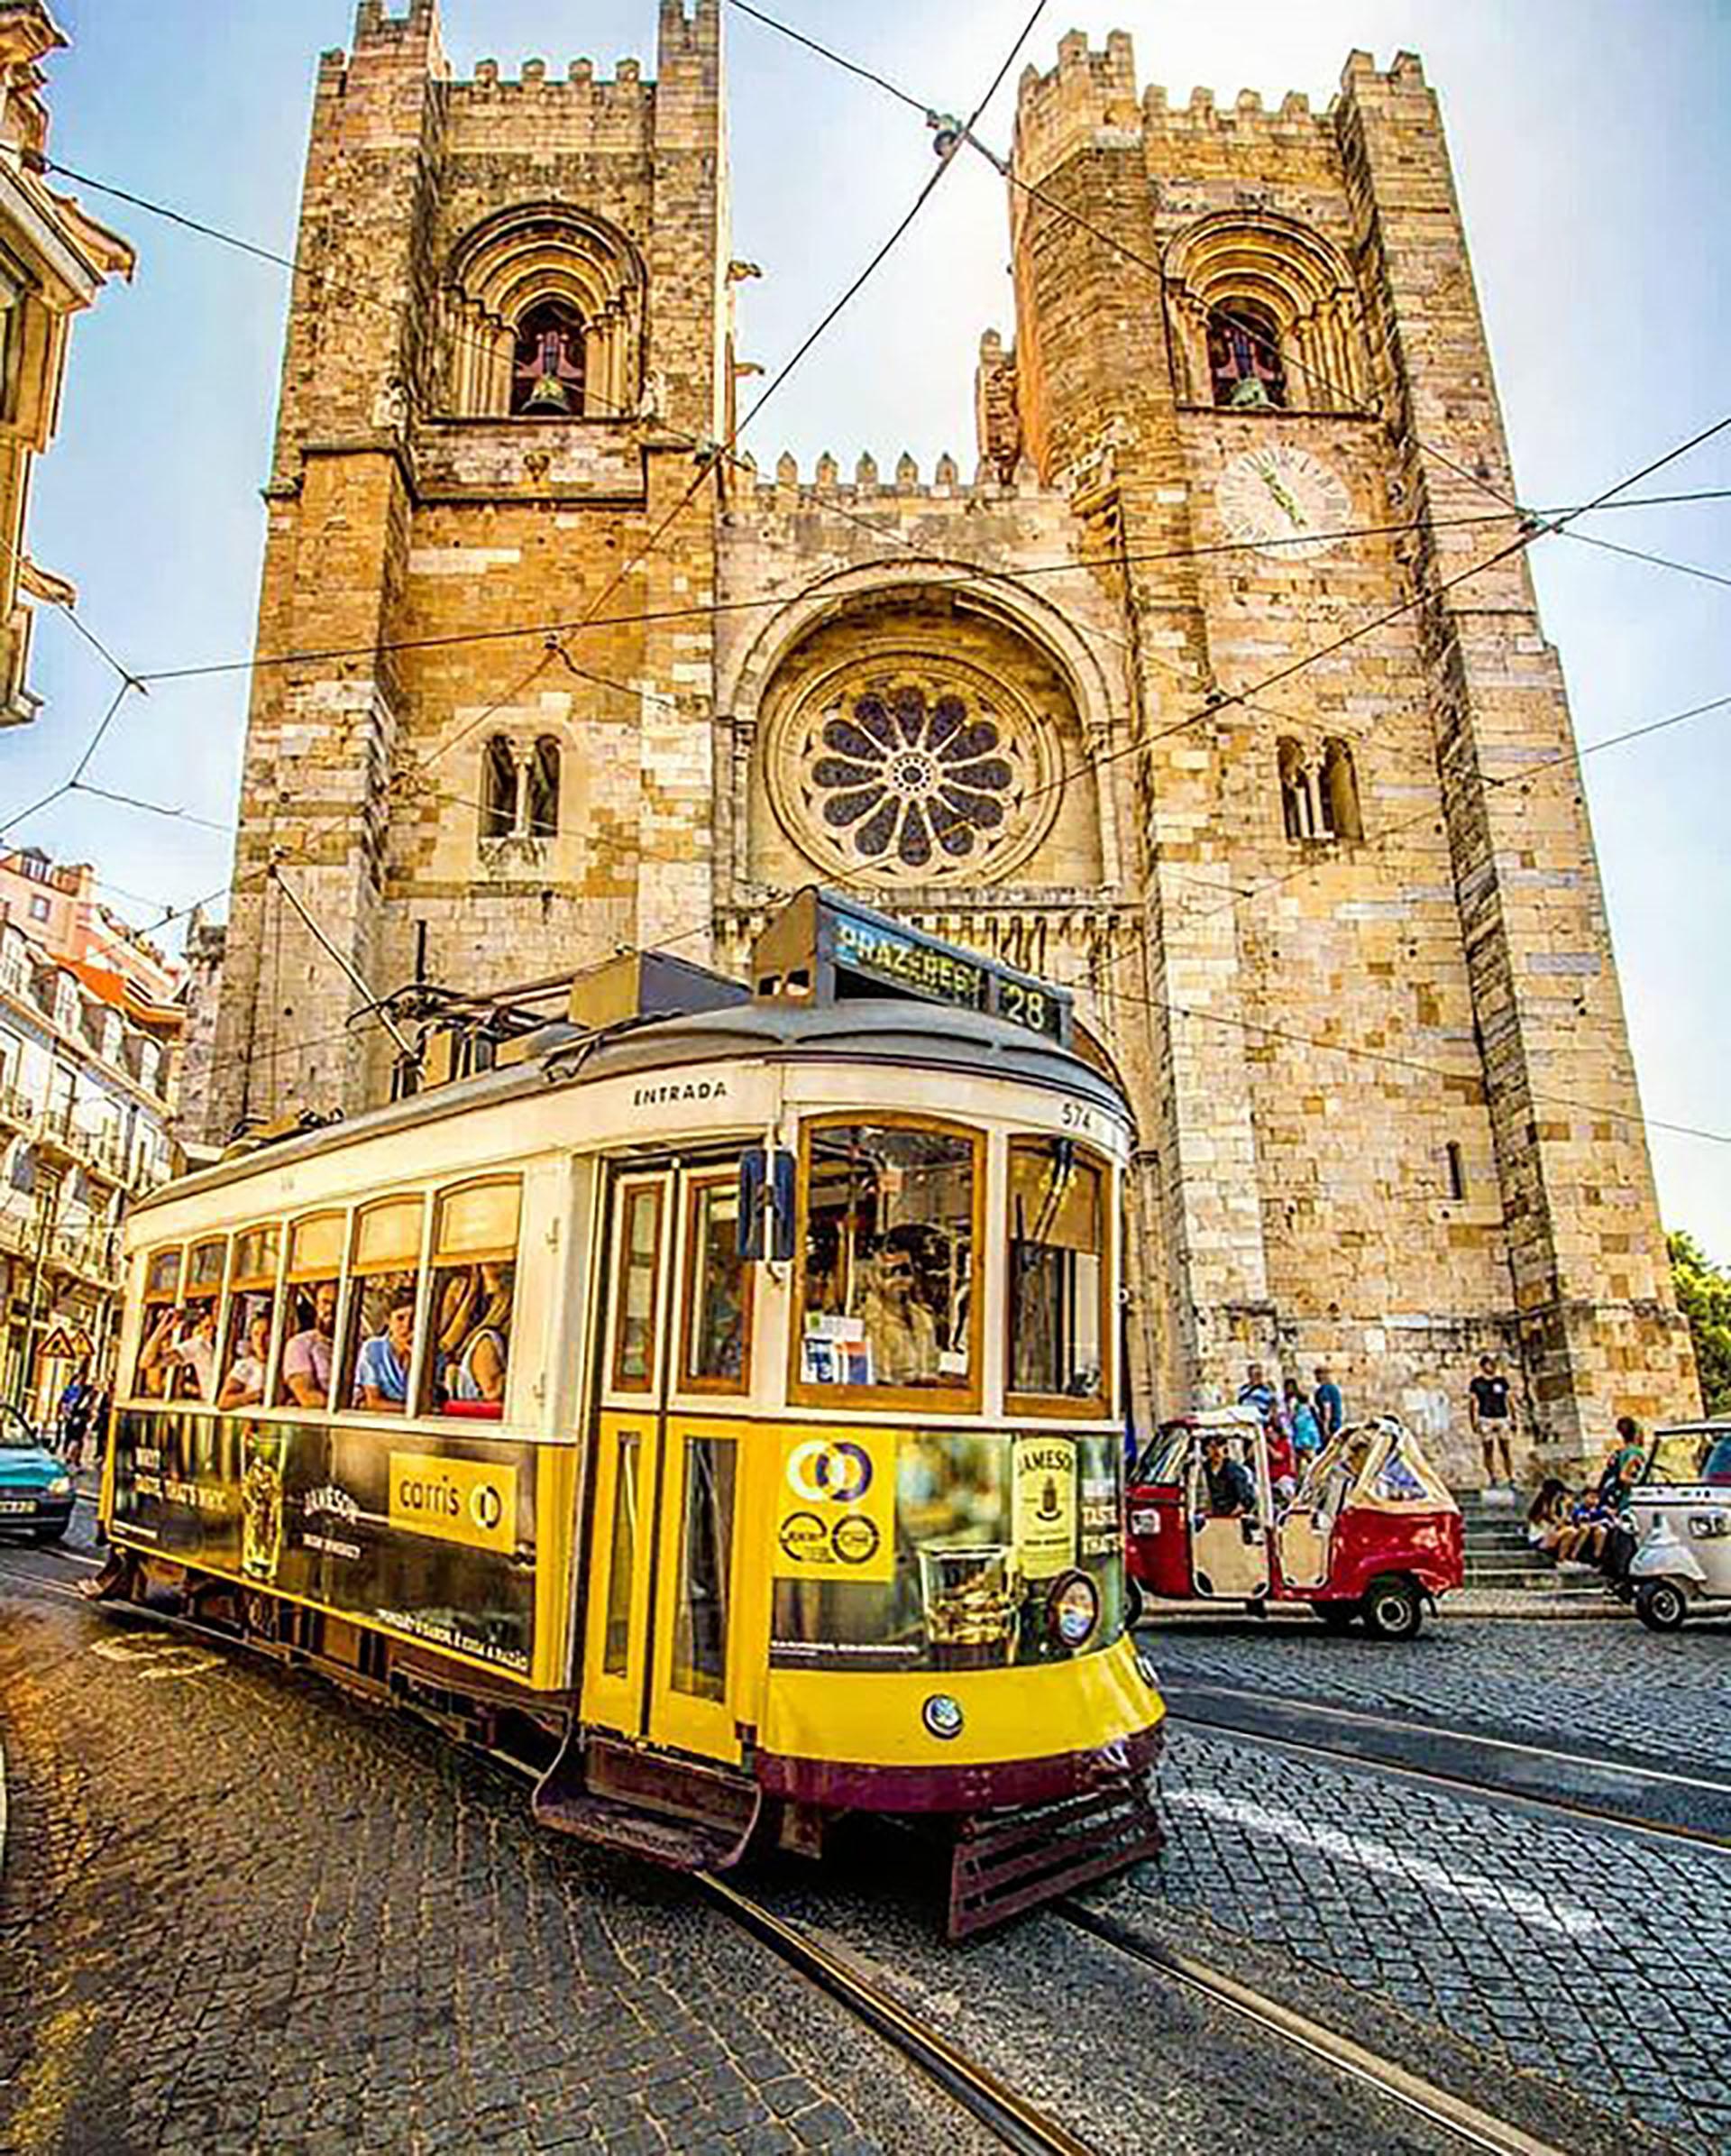 Con sus callesitas de piedras, arquitecturas e imponentes templos religiosos, es por segundo año consecutivo, el mejor destino para atraer turistas (@classic.architecture)